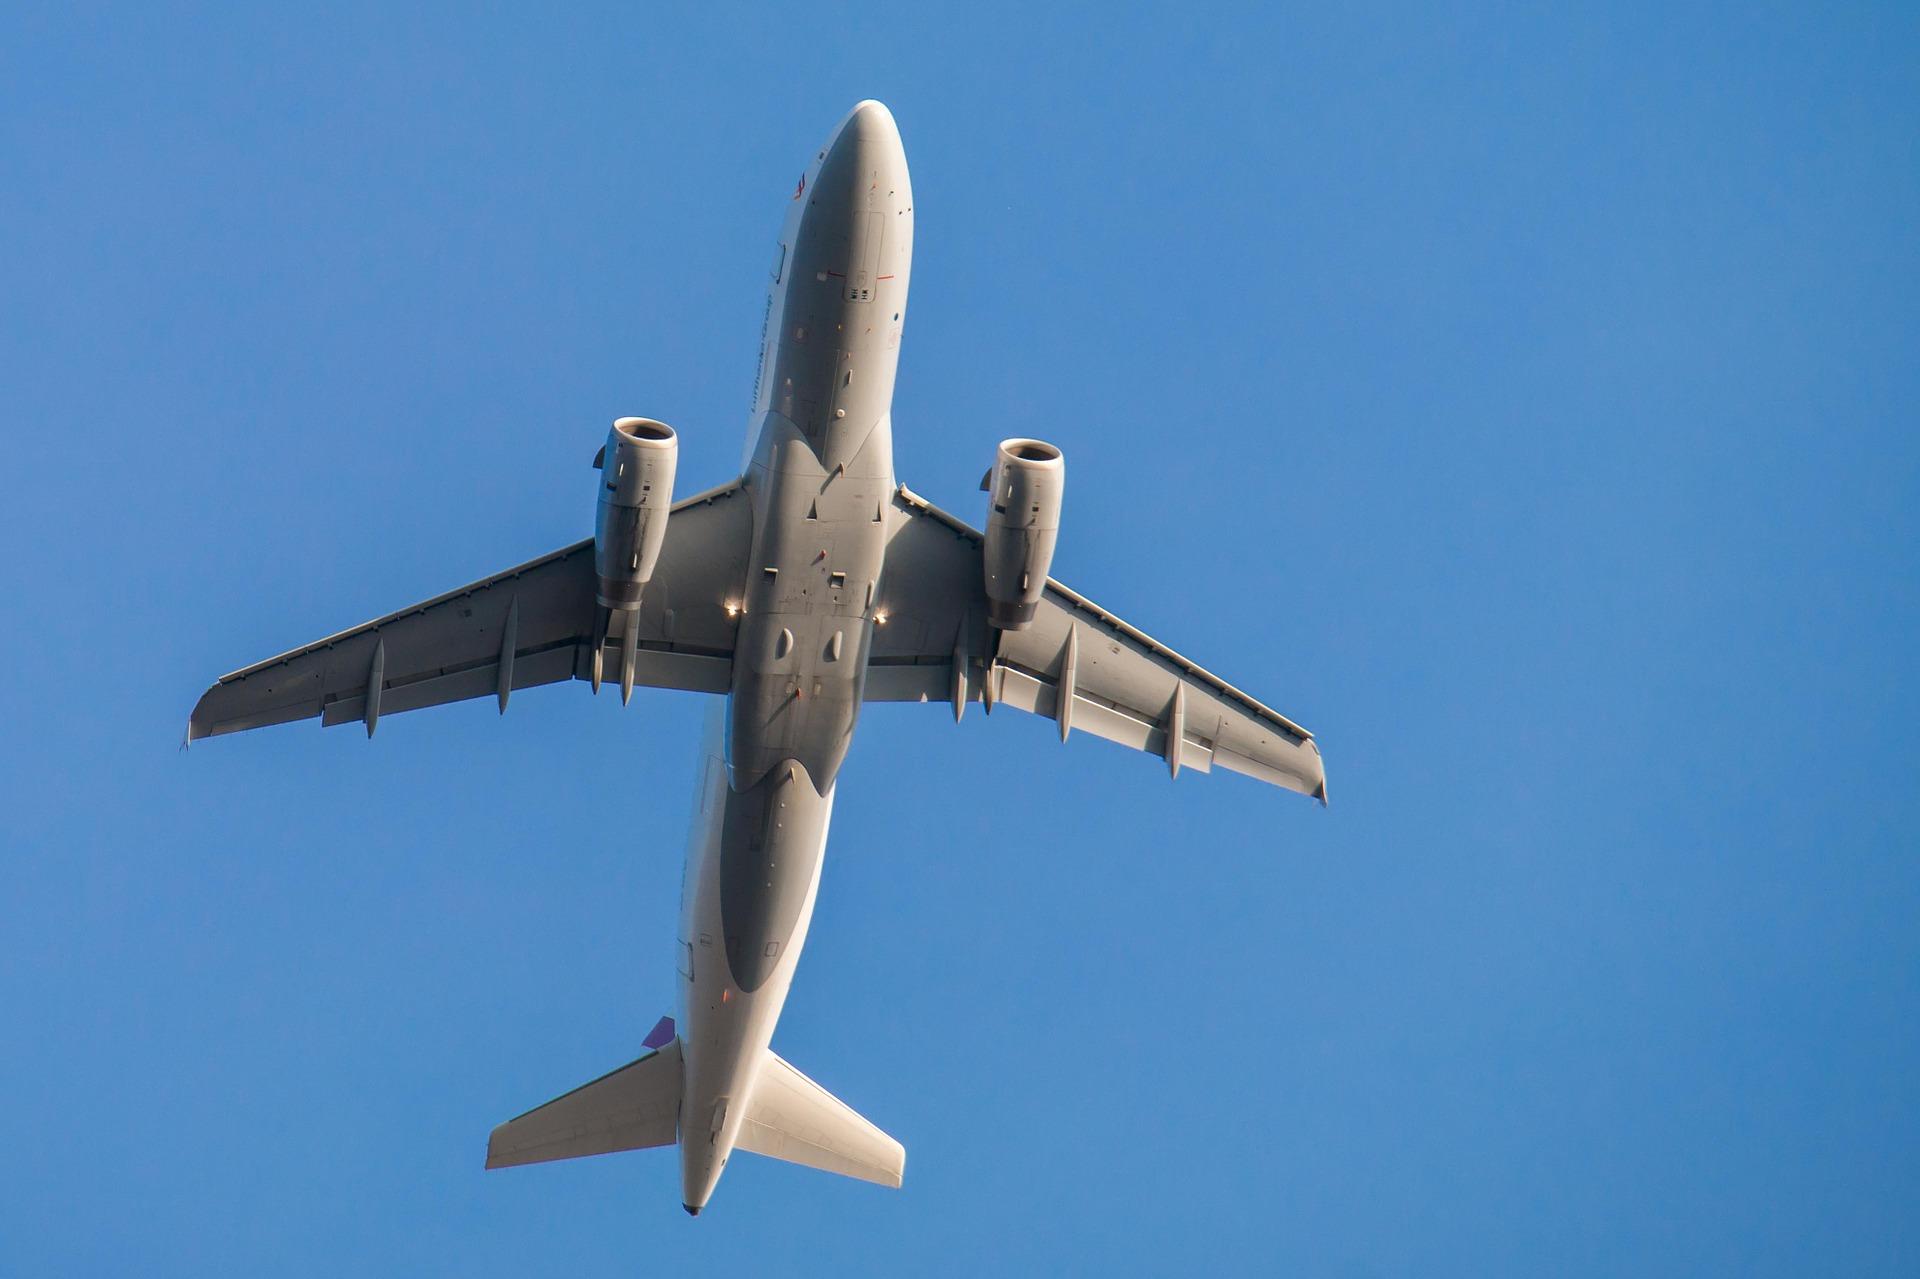 Un avion électrique pour des liaisons courtes-1